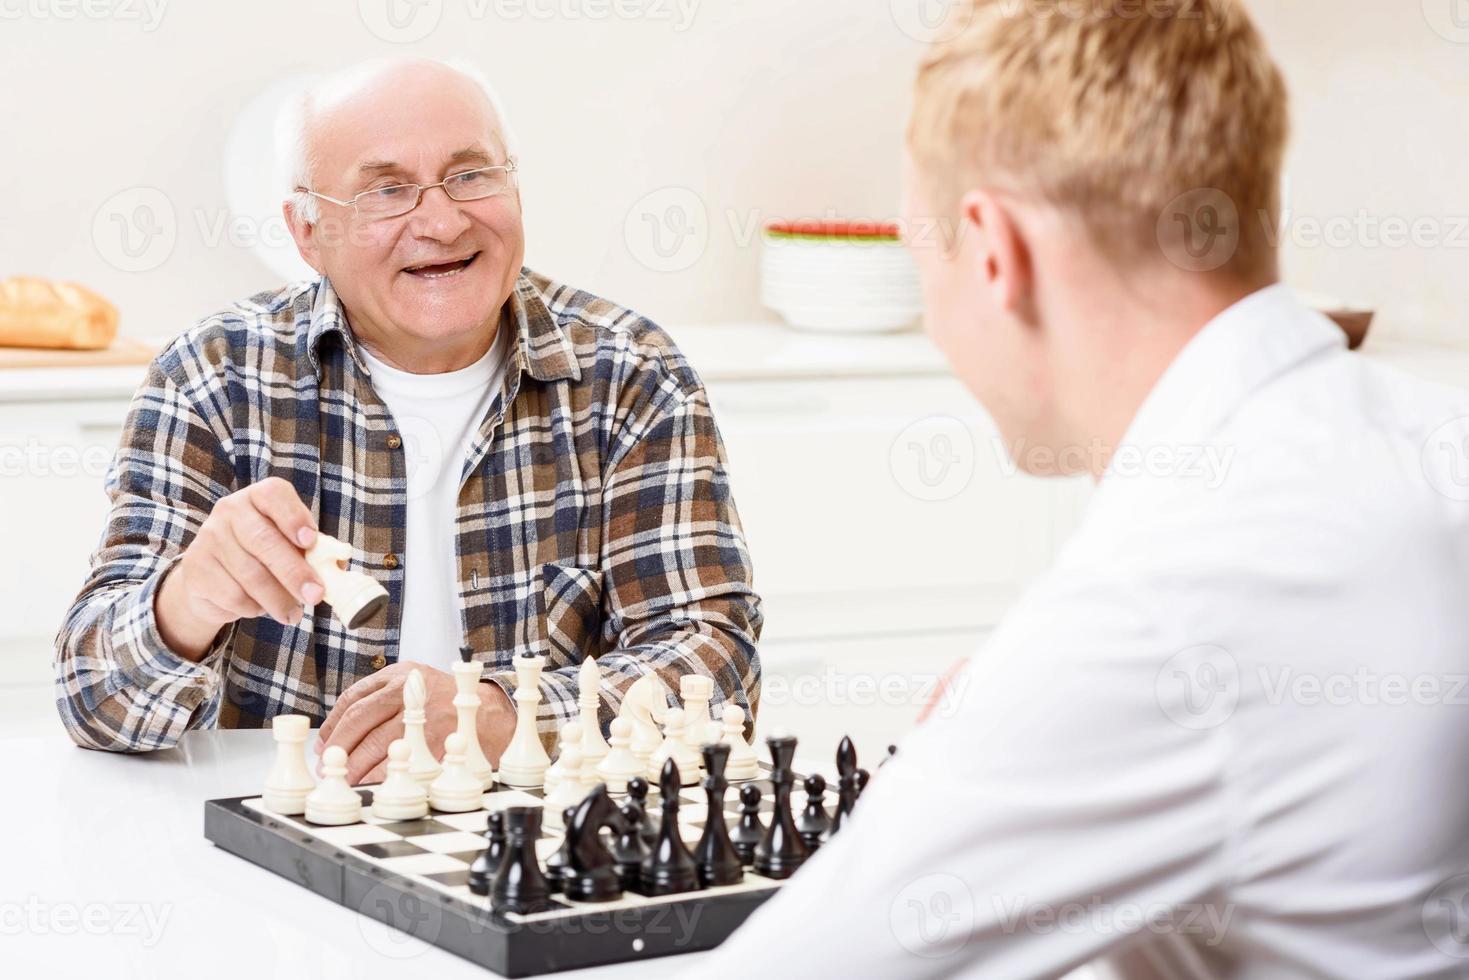 kleinzoon en grootvader schaken in de keuken foto